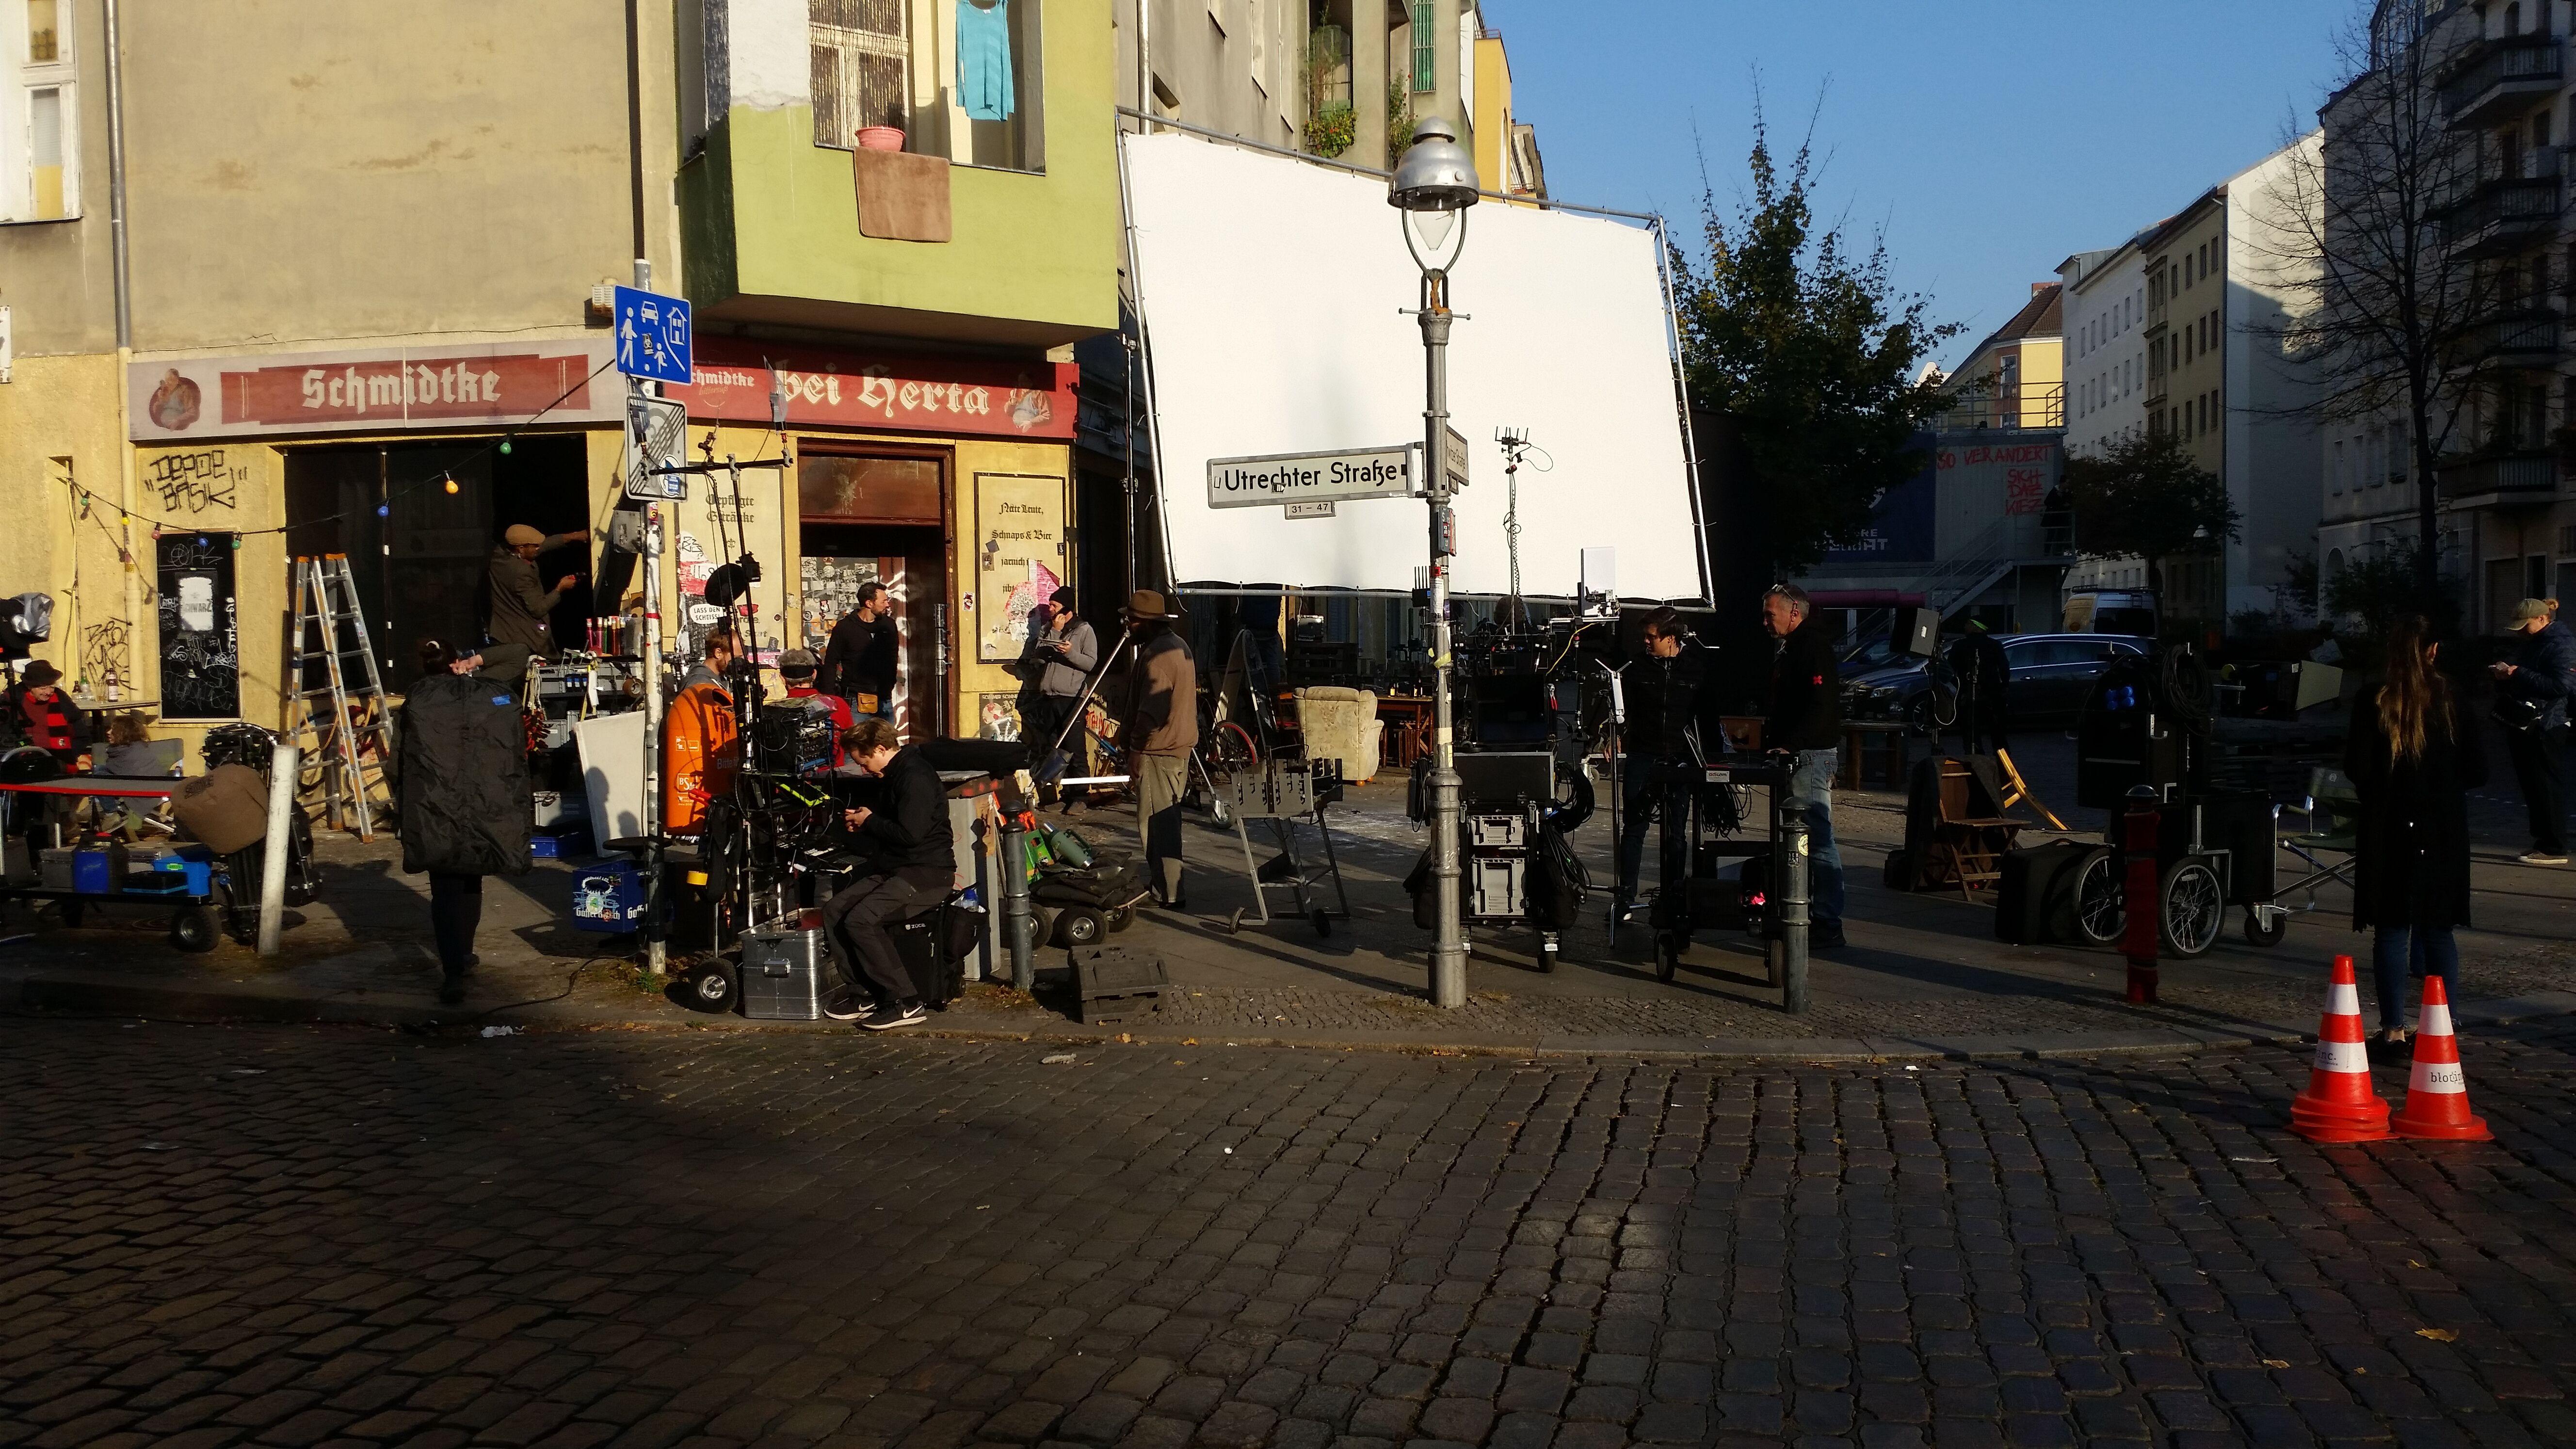 Image for Dreharbeiten in Mitte - bitte beachten!